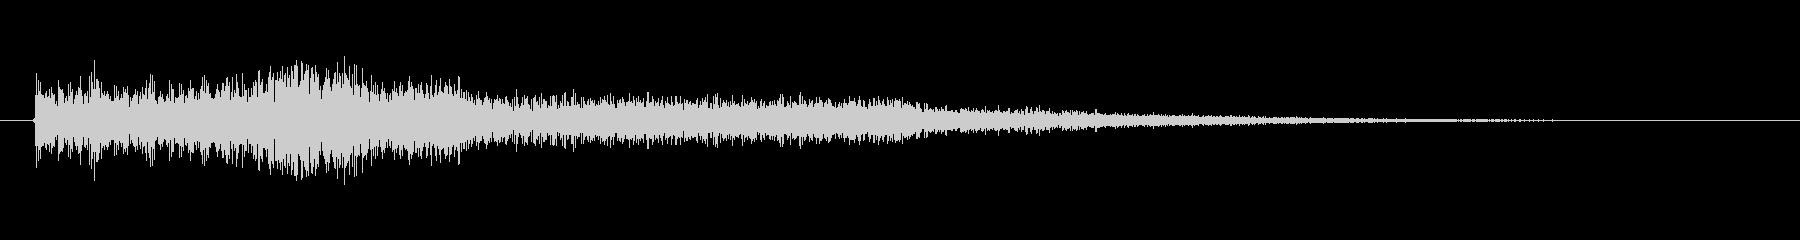 ワンポイント効果音の未再生の波形